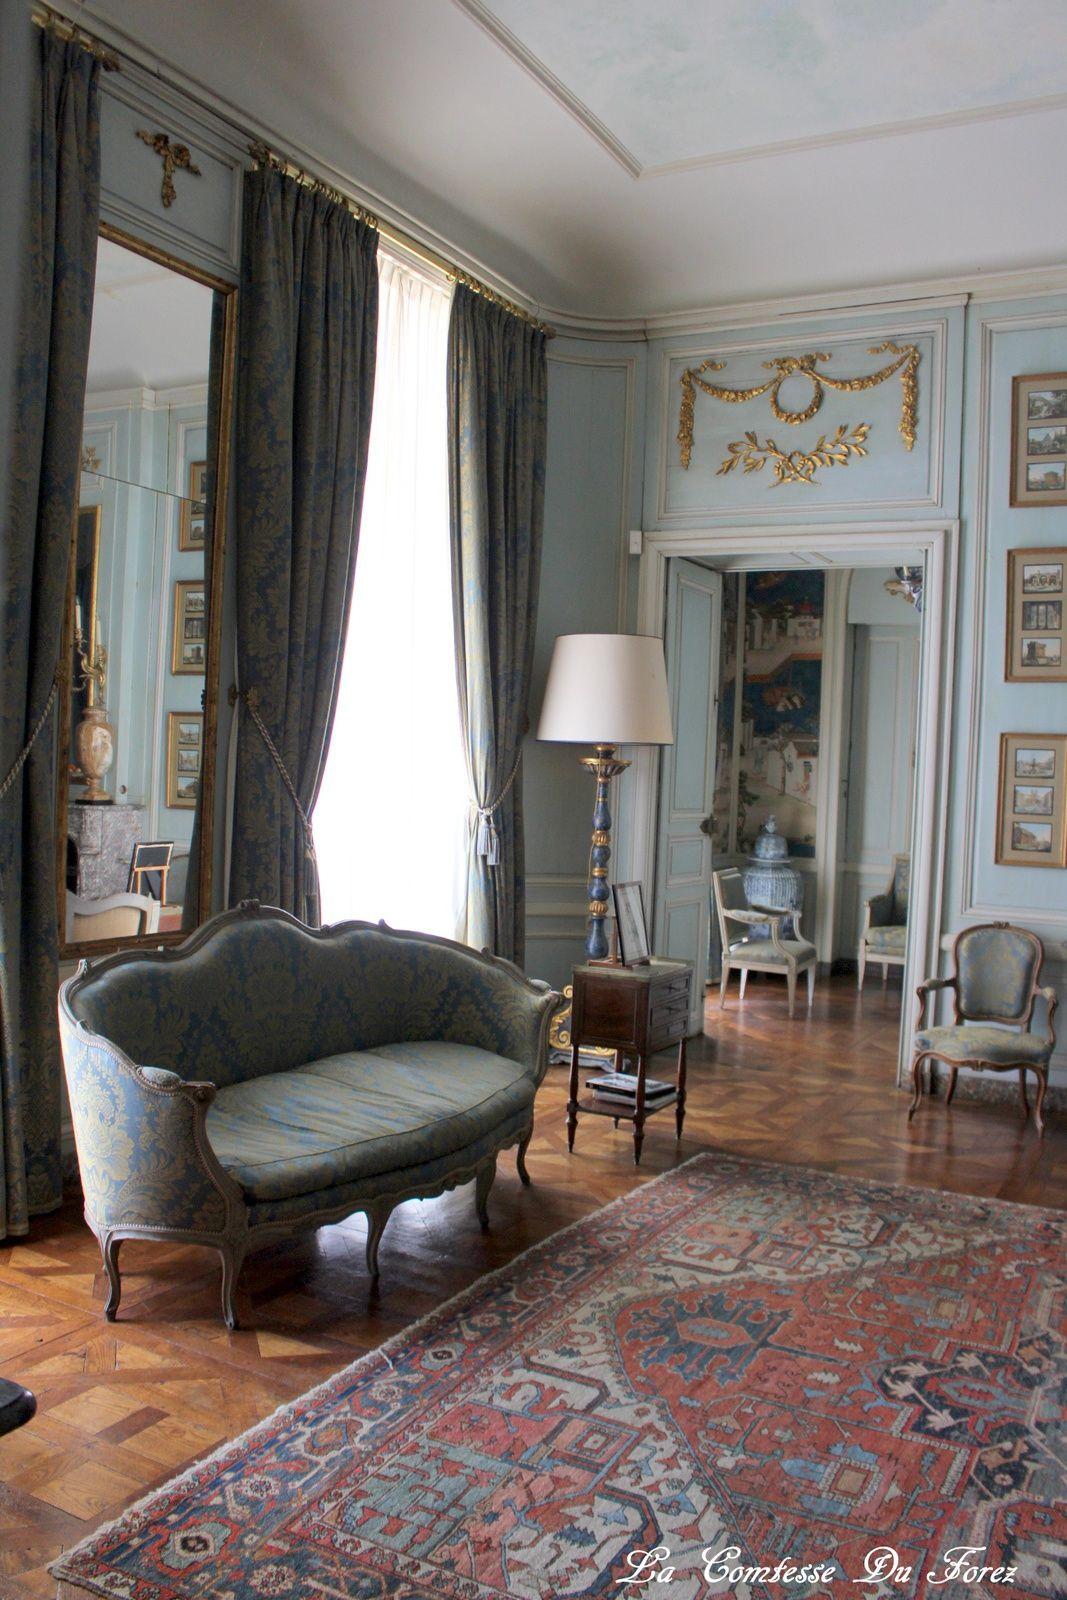 la chambre du roi et son boudoir chinois, le roi n'est pourtant jamais venu au château (actuellement c'est la chambre des propriétaires)